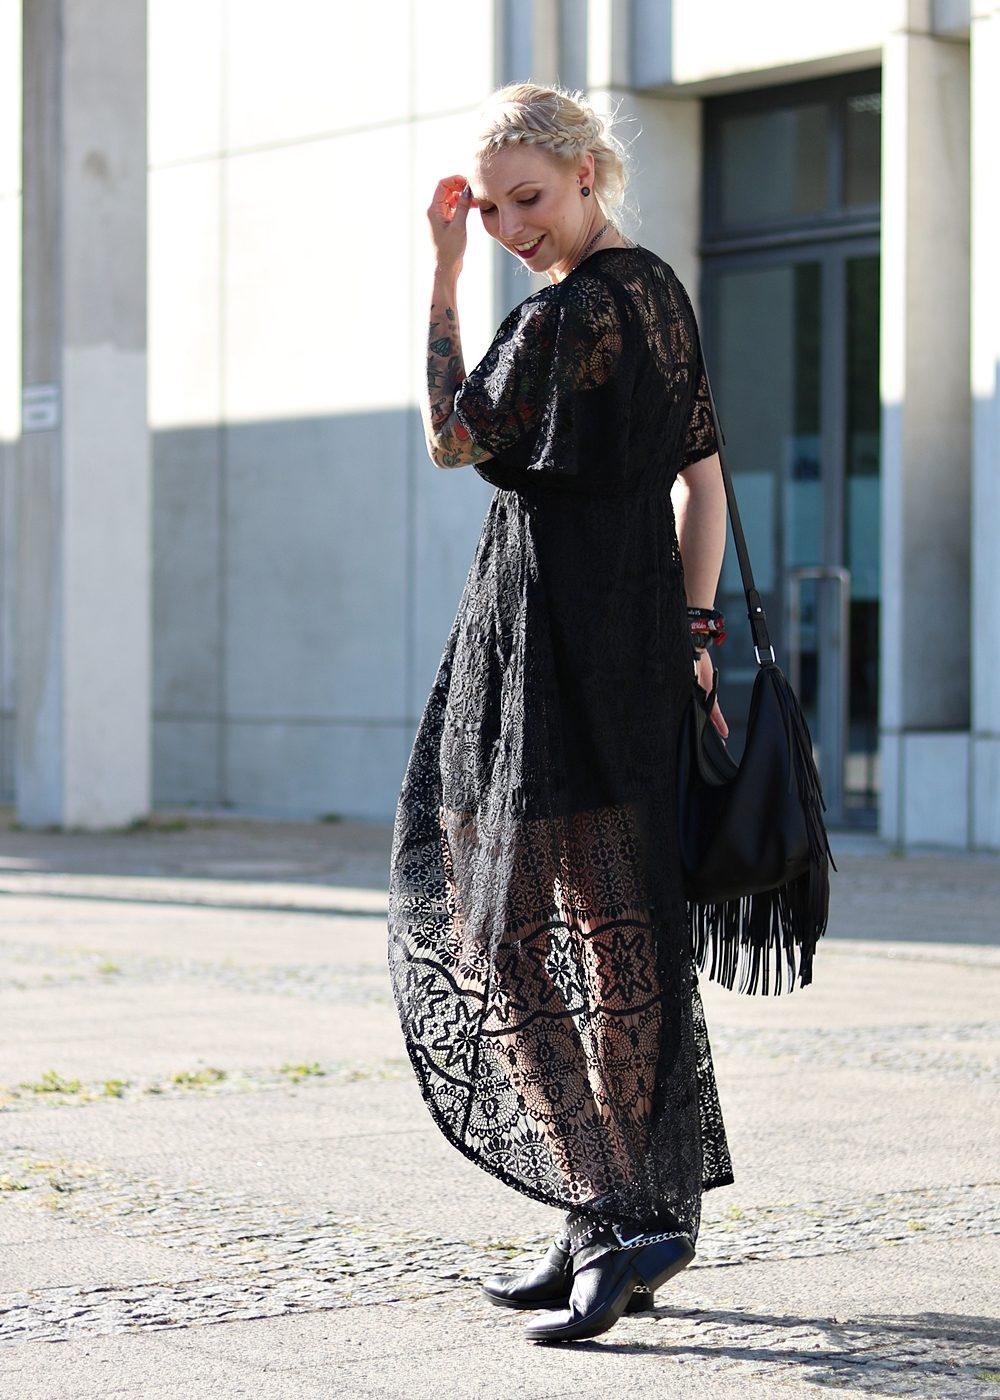 Fashionblogger Outfit Spitzenkleid schwarz Fransentasche Bikerboots Berlin (1)